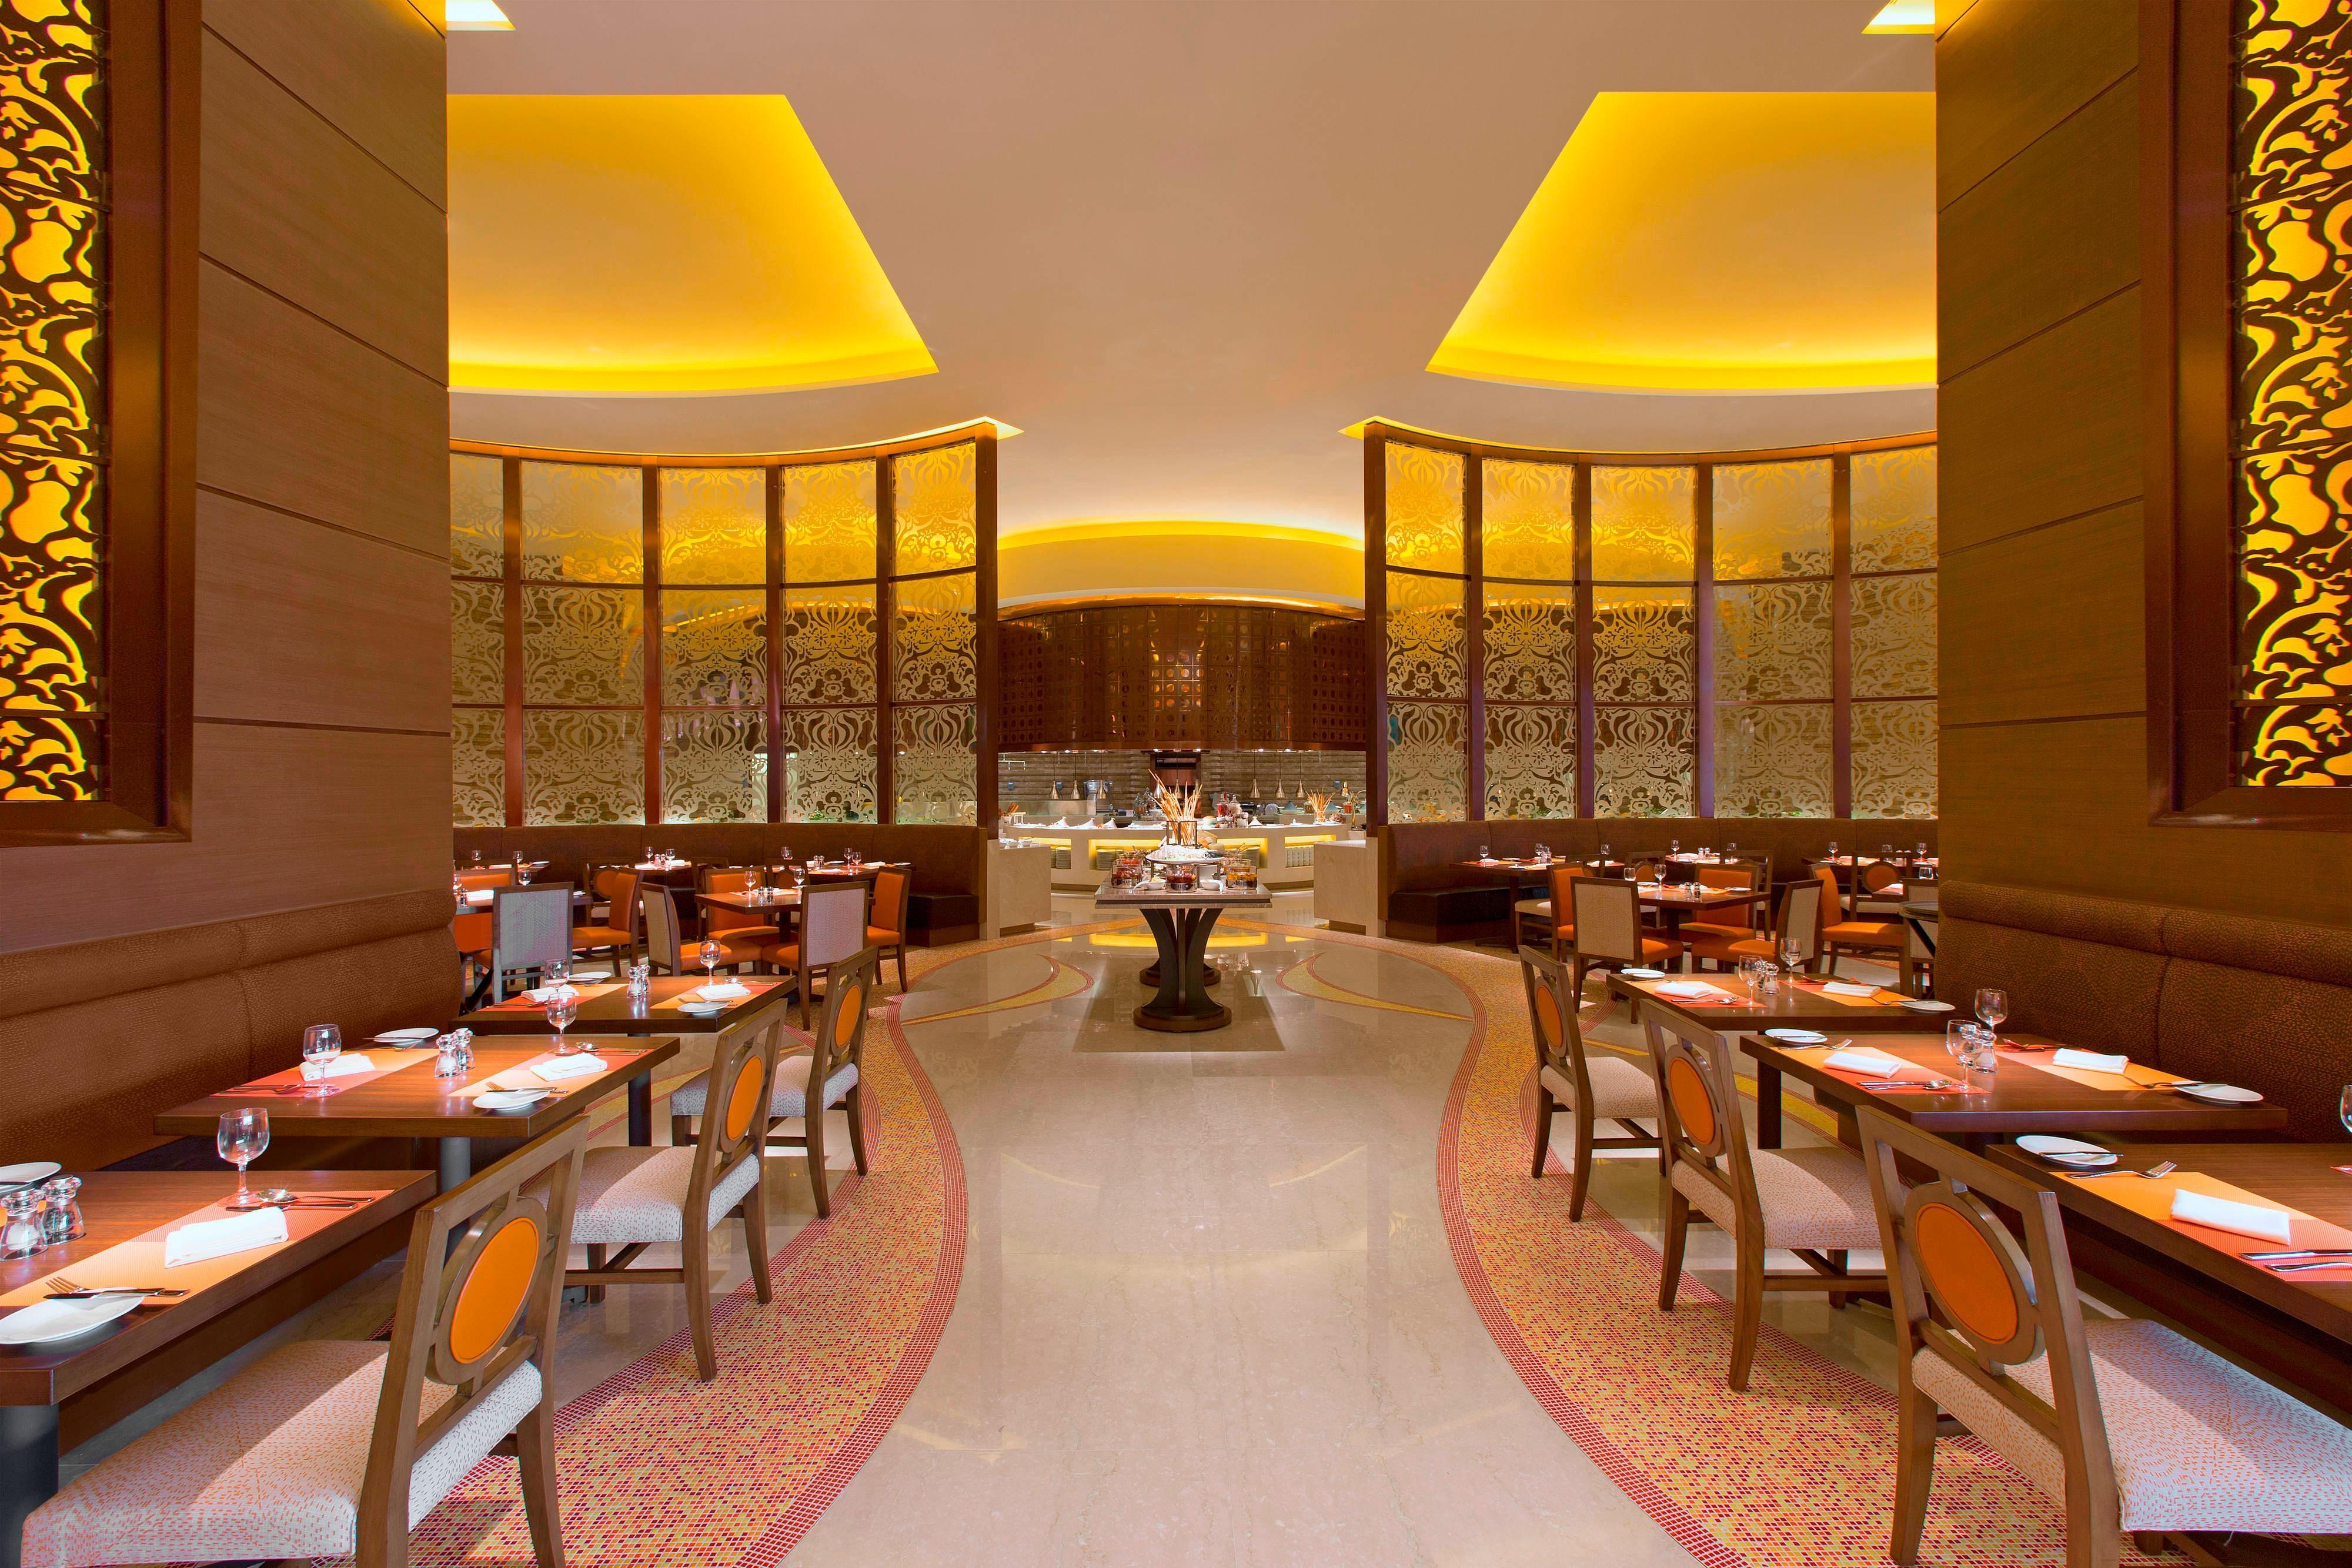 Feast Restaurant - Restaurant Setting